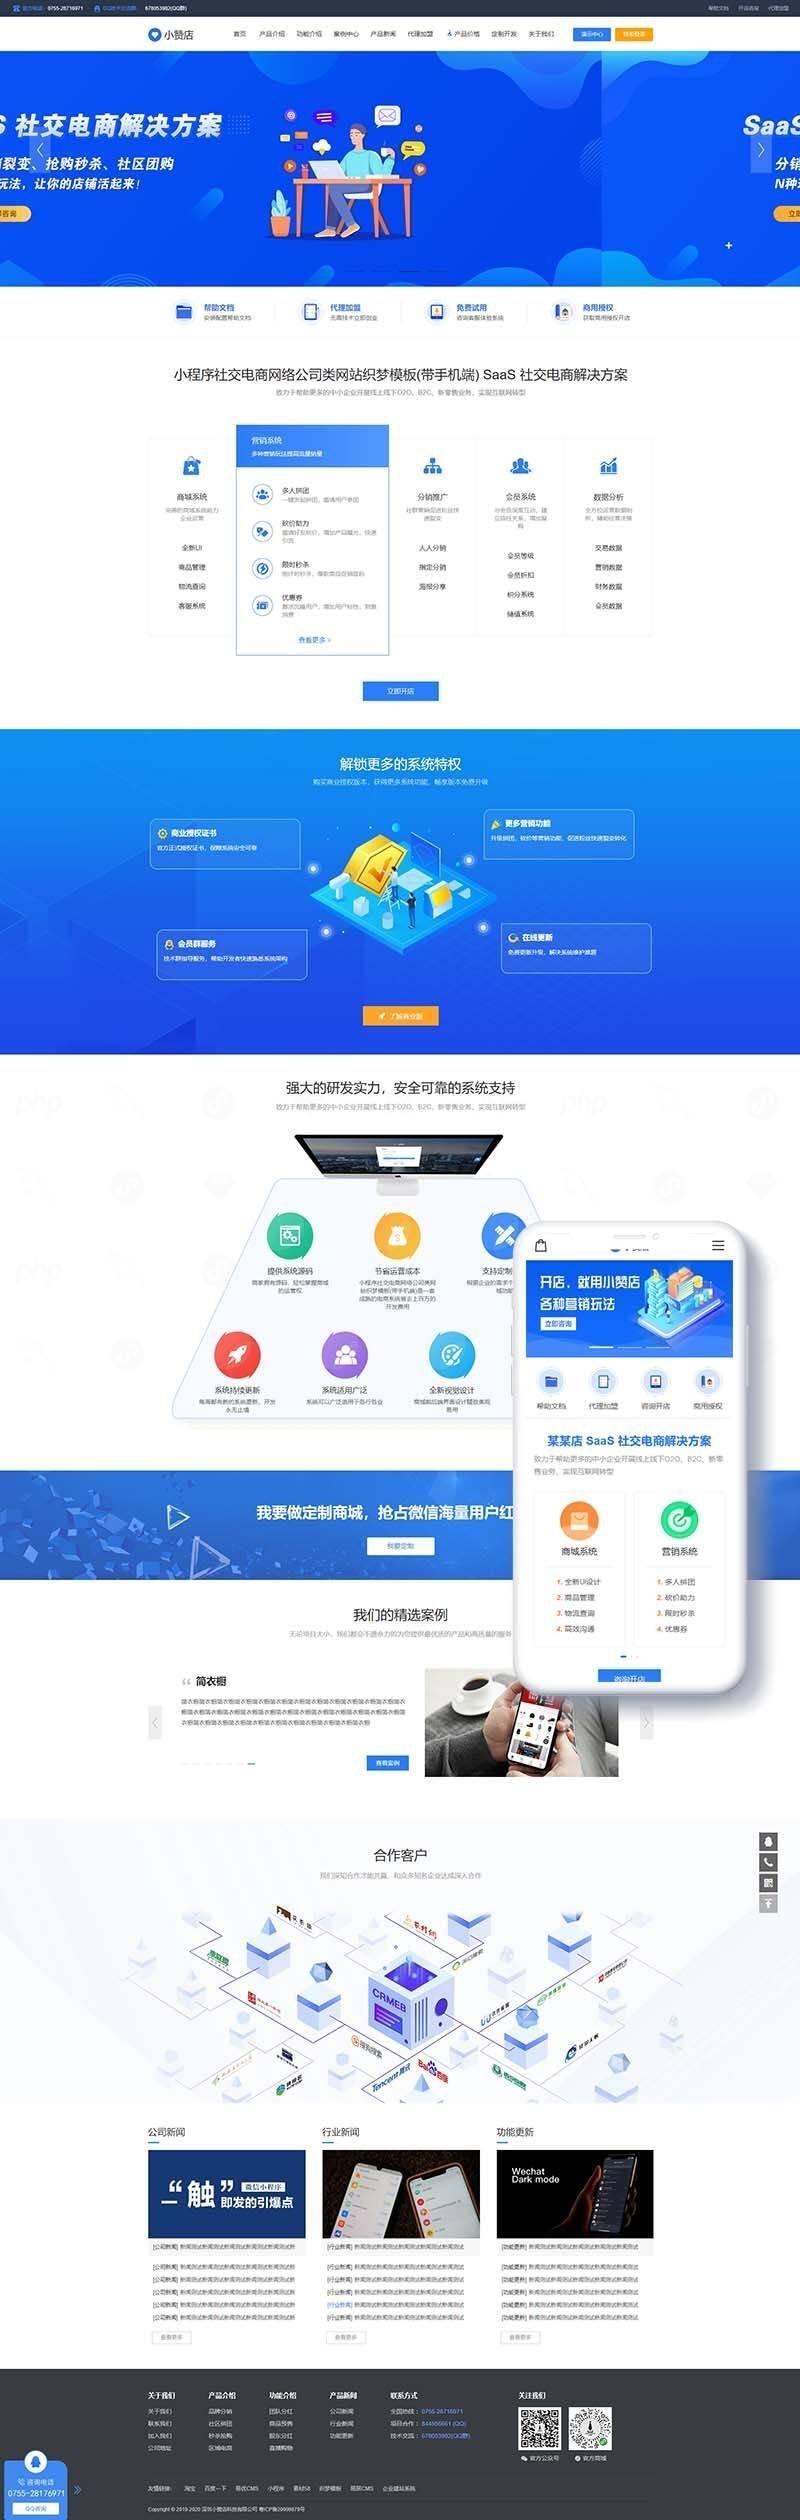 【织梦工作室网站模板】最新小程序社交电商网络公司公众号开发网络设计公司dedecms网站模板自适应手机端